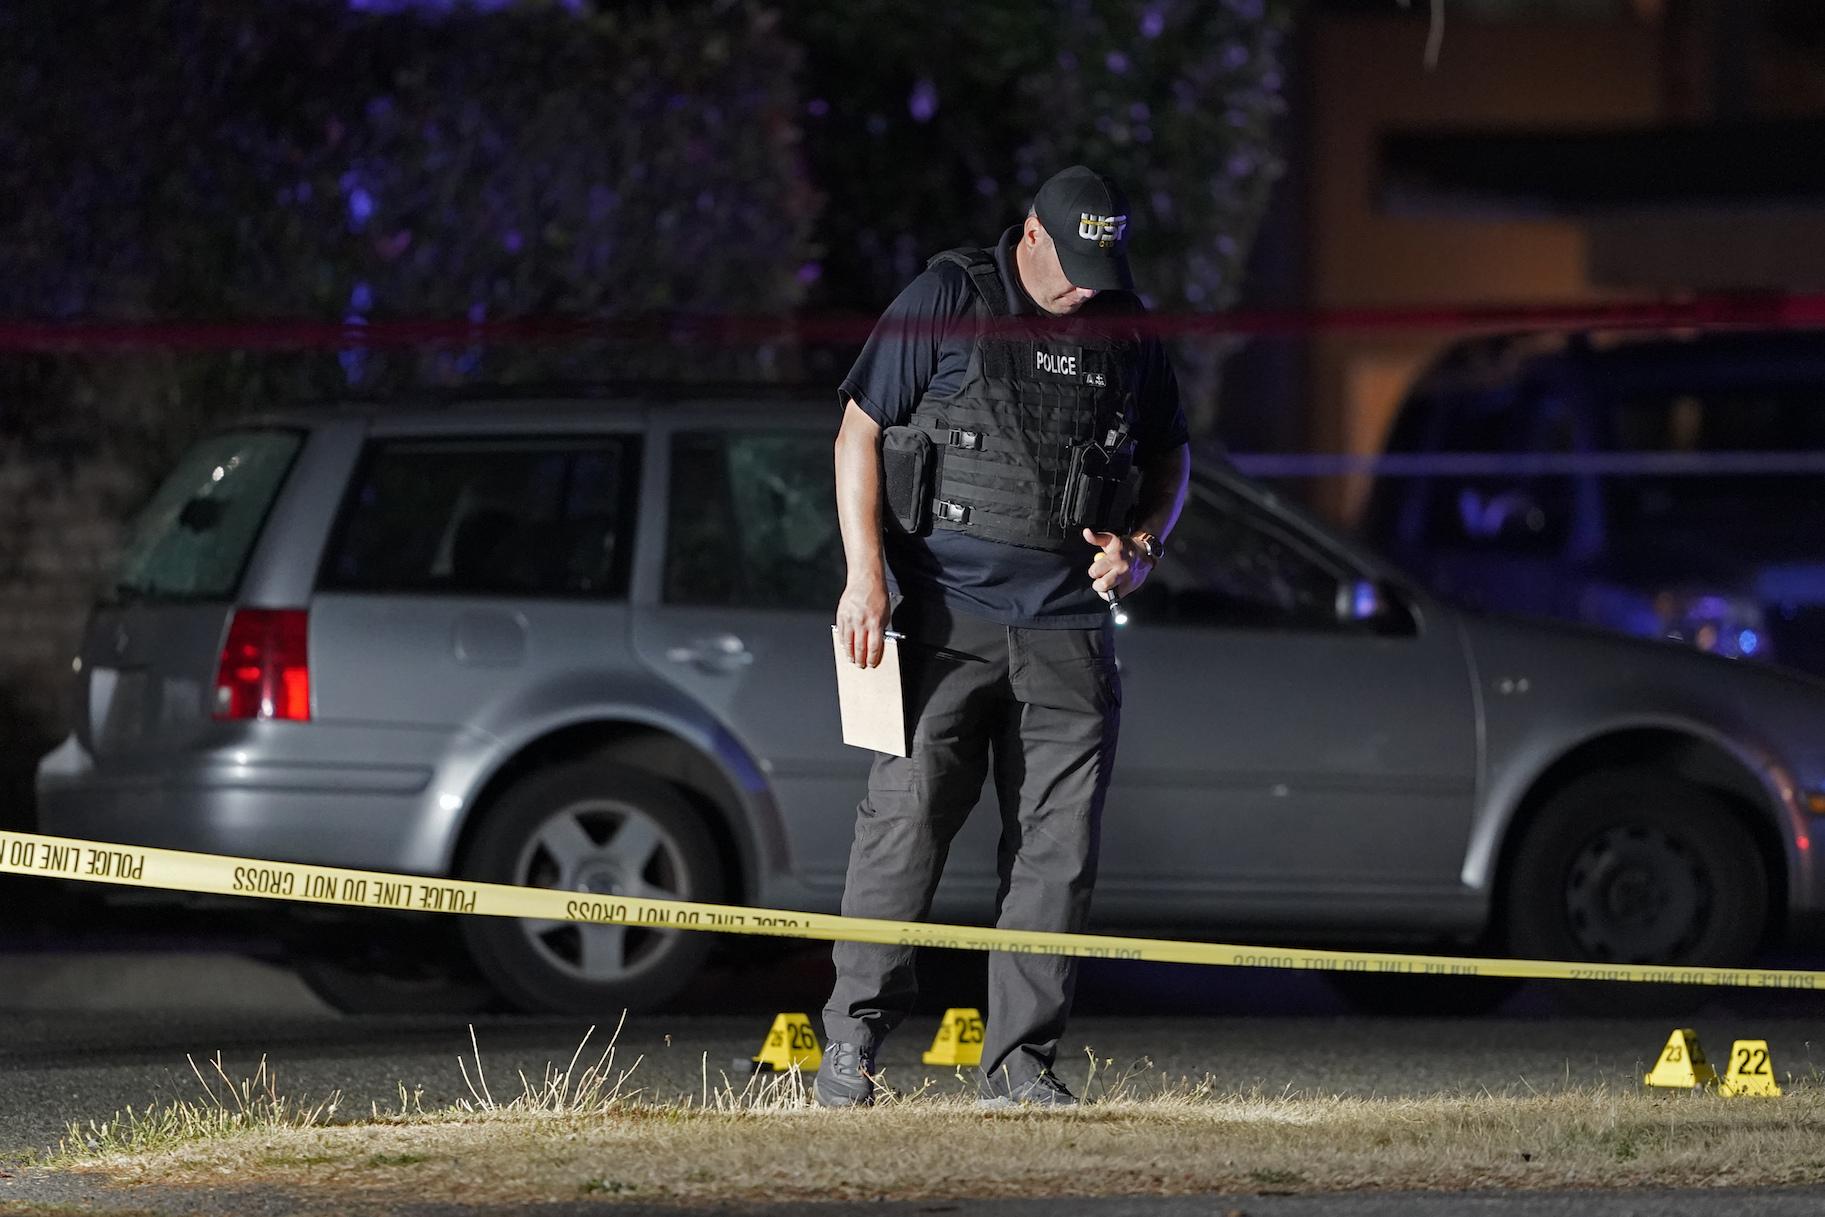 Seorang lelaki disyaki menembak mati penunjuk perasaan di Portland terbunuh kerana Fed cuba menangkap